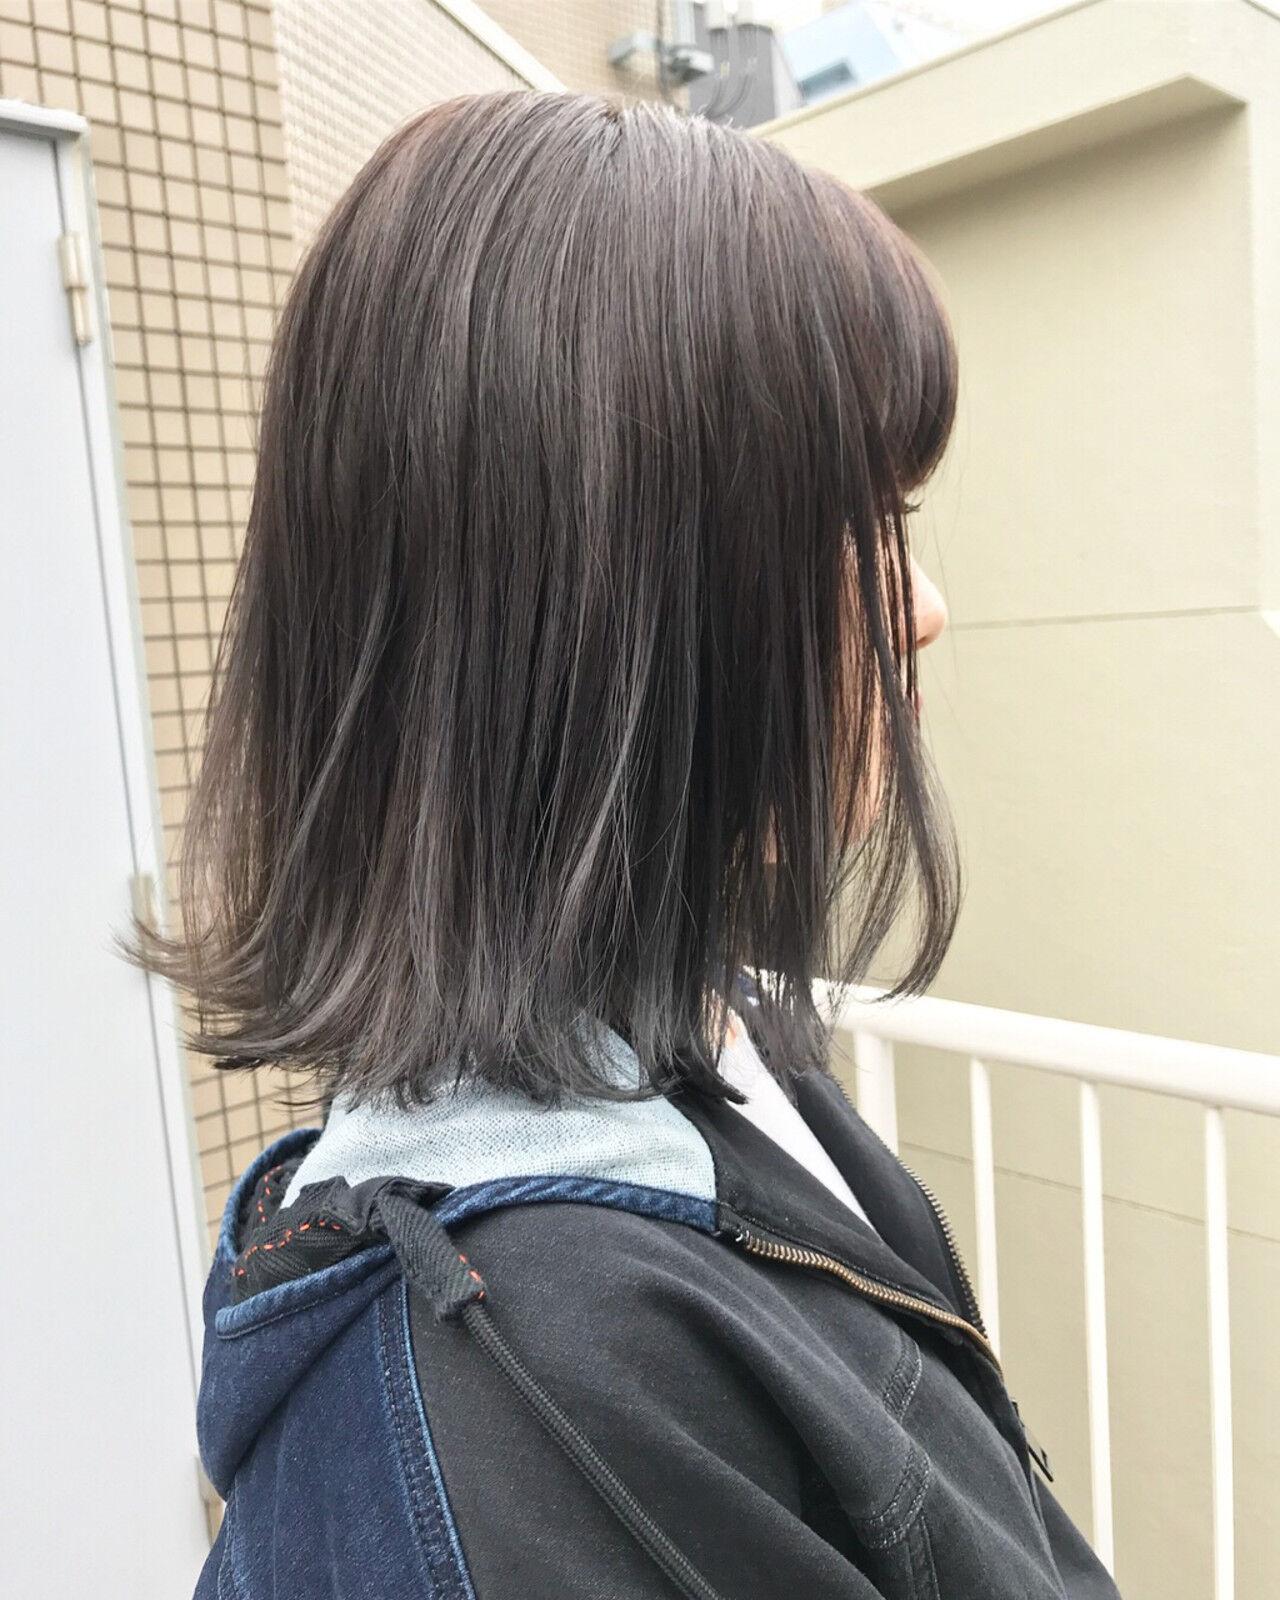 ナチュラル ロブ 外ハネ アッシュグレーヘアスタイルや髪型の写真・画像